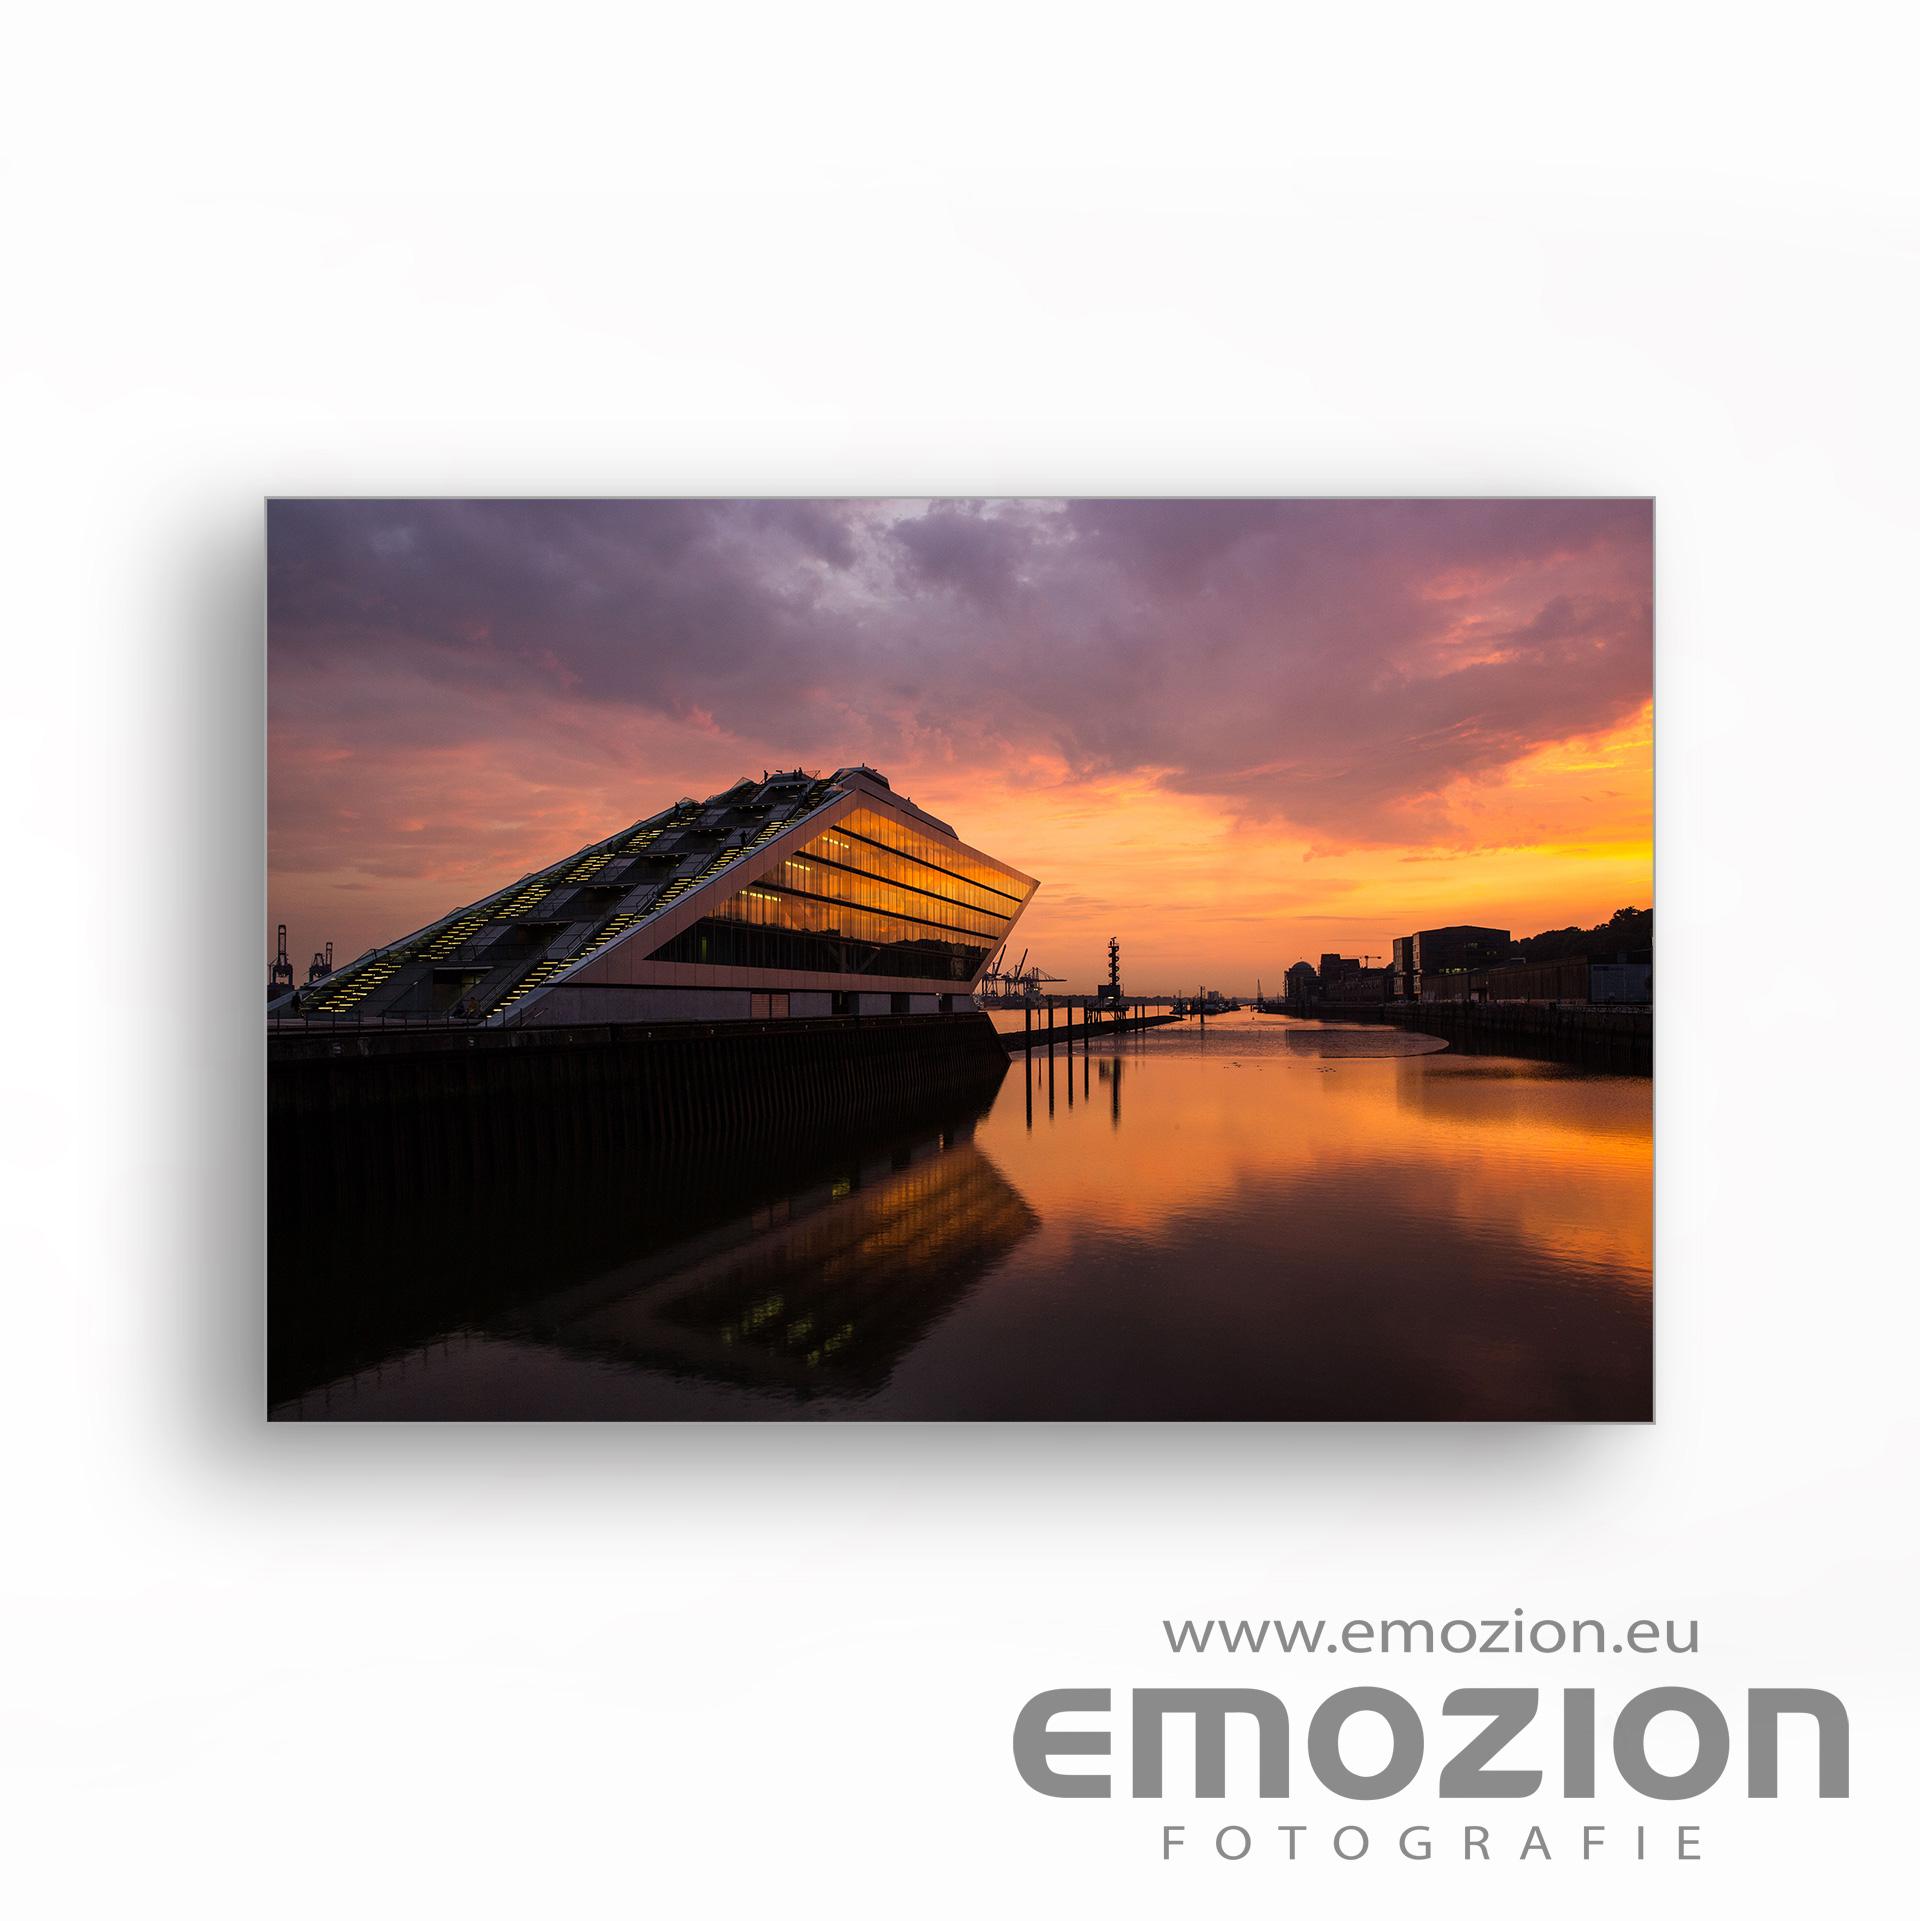 DocklandHamburg mit Hafen -Romantischer Sonnenuntergang - EMOZION - Fotograf Sascha Block